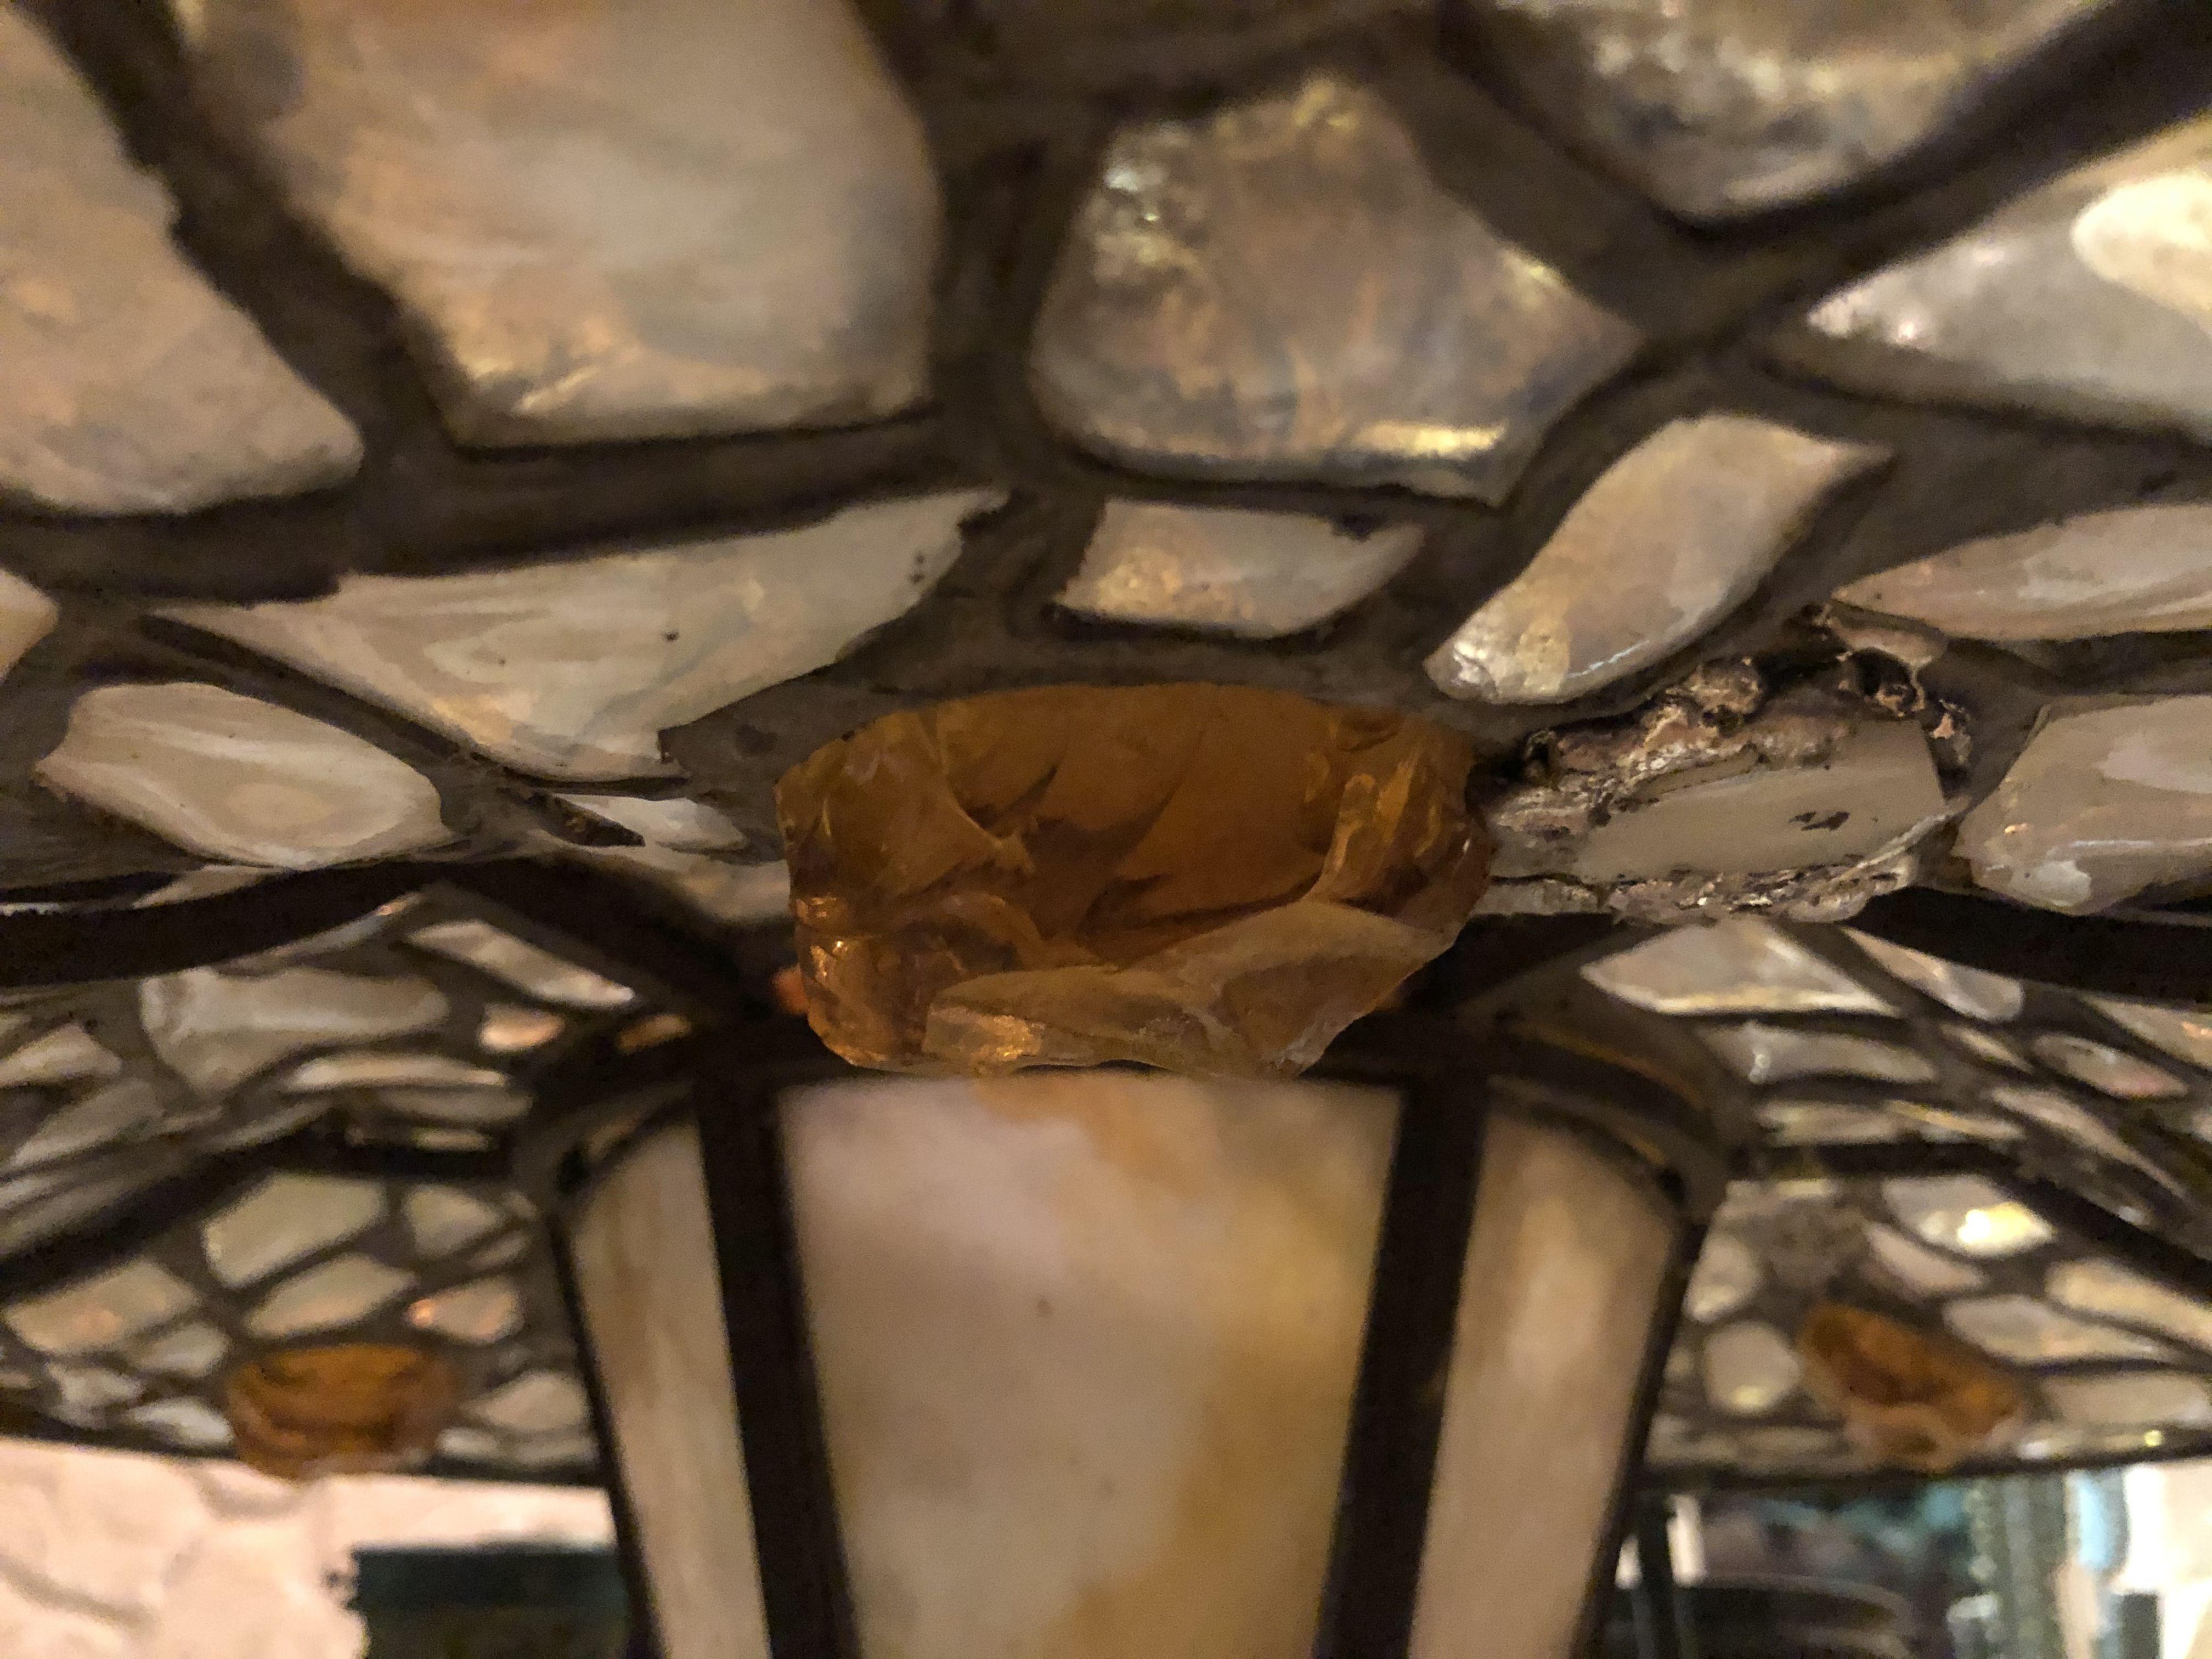 Antike Gas Deckenlampe Bleiverglasung Deckenlampe Lampen Kronleuchter